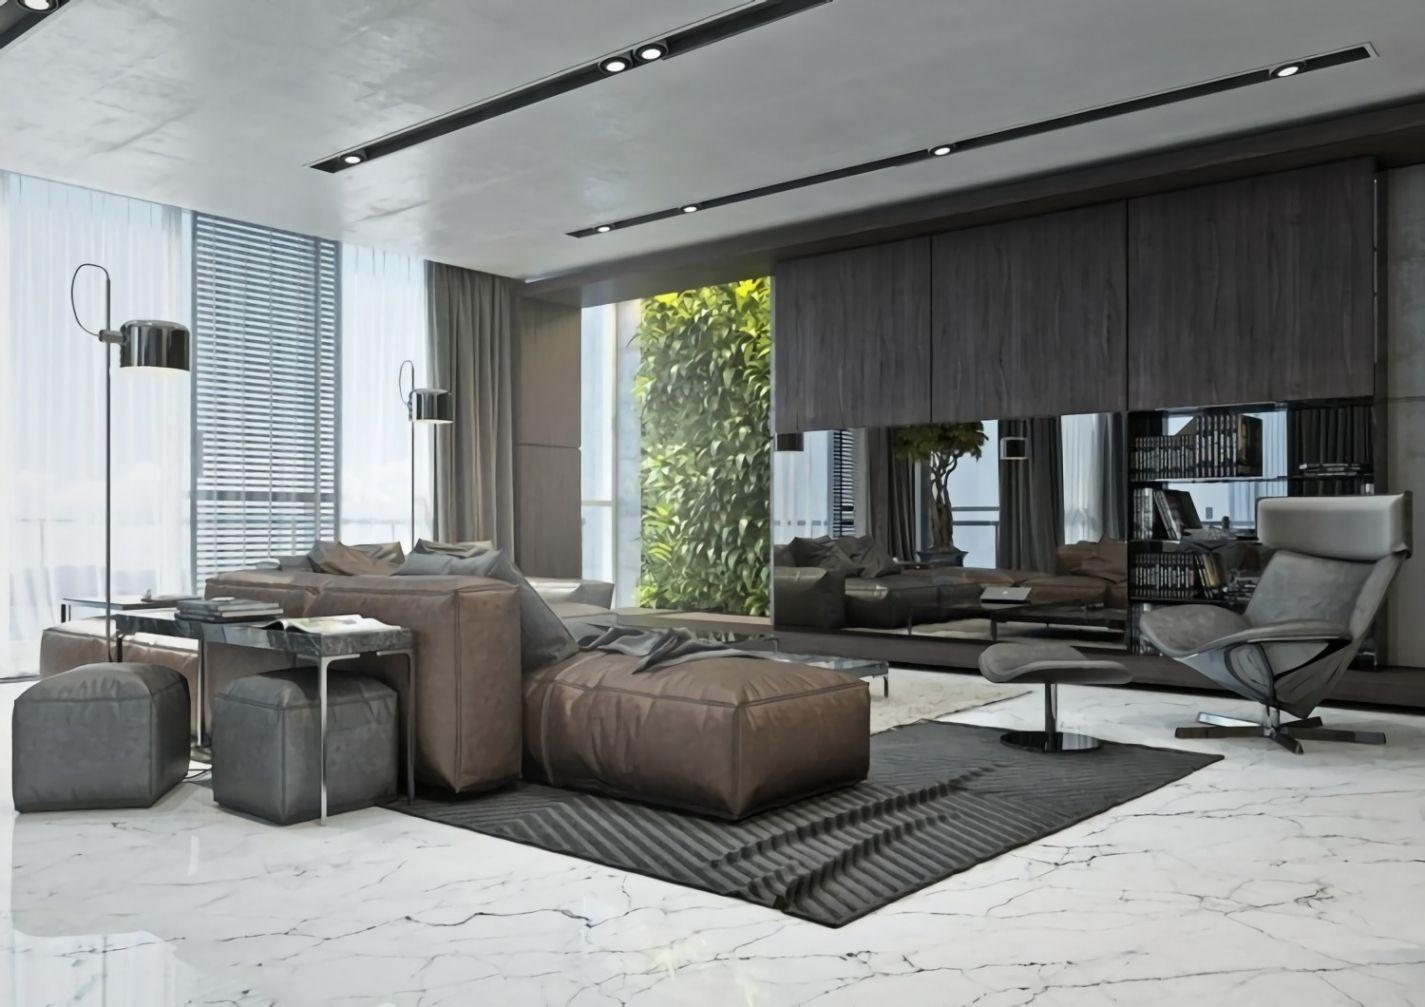 Brillant Neue Wohnzimmermöbel | Wohnzimmer ideen | Pinterest ...